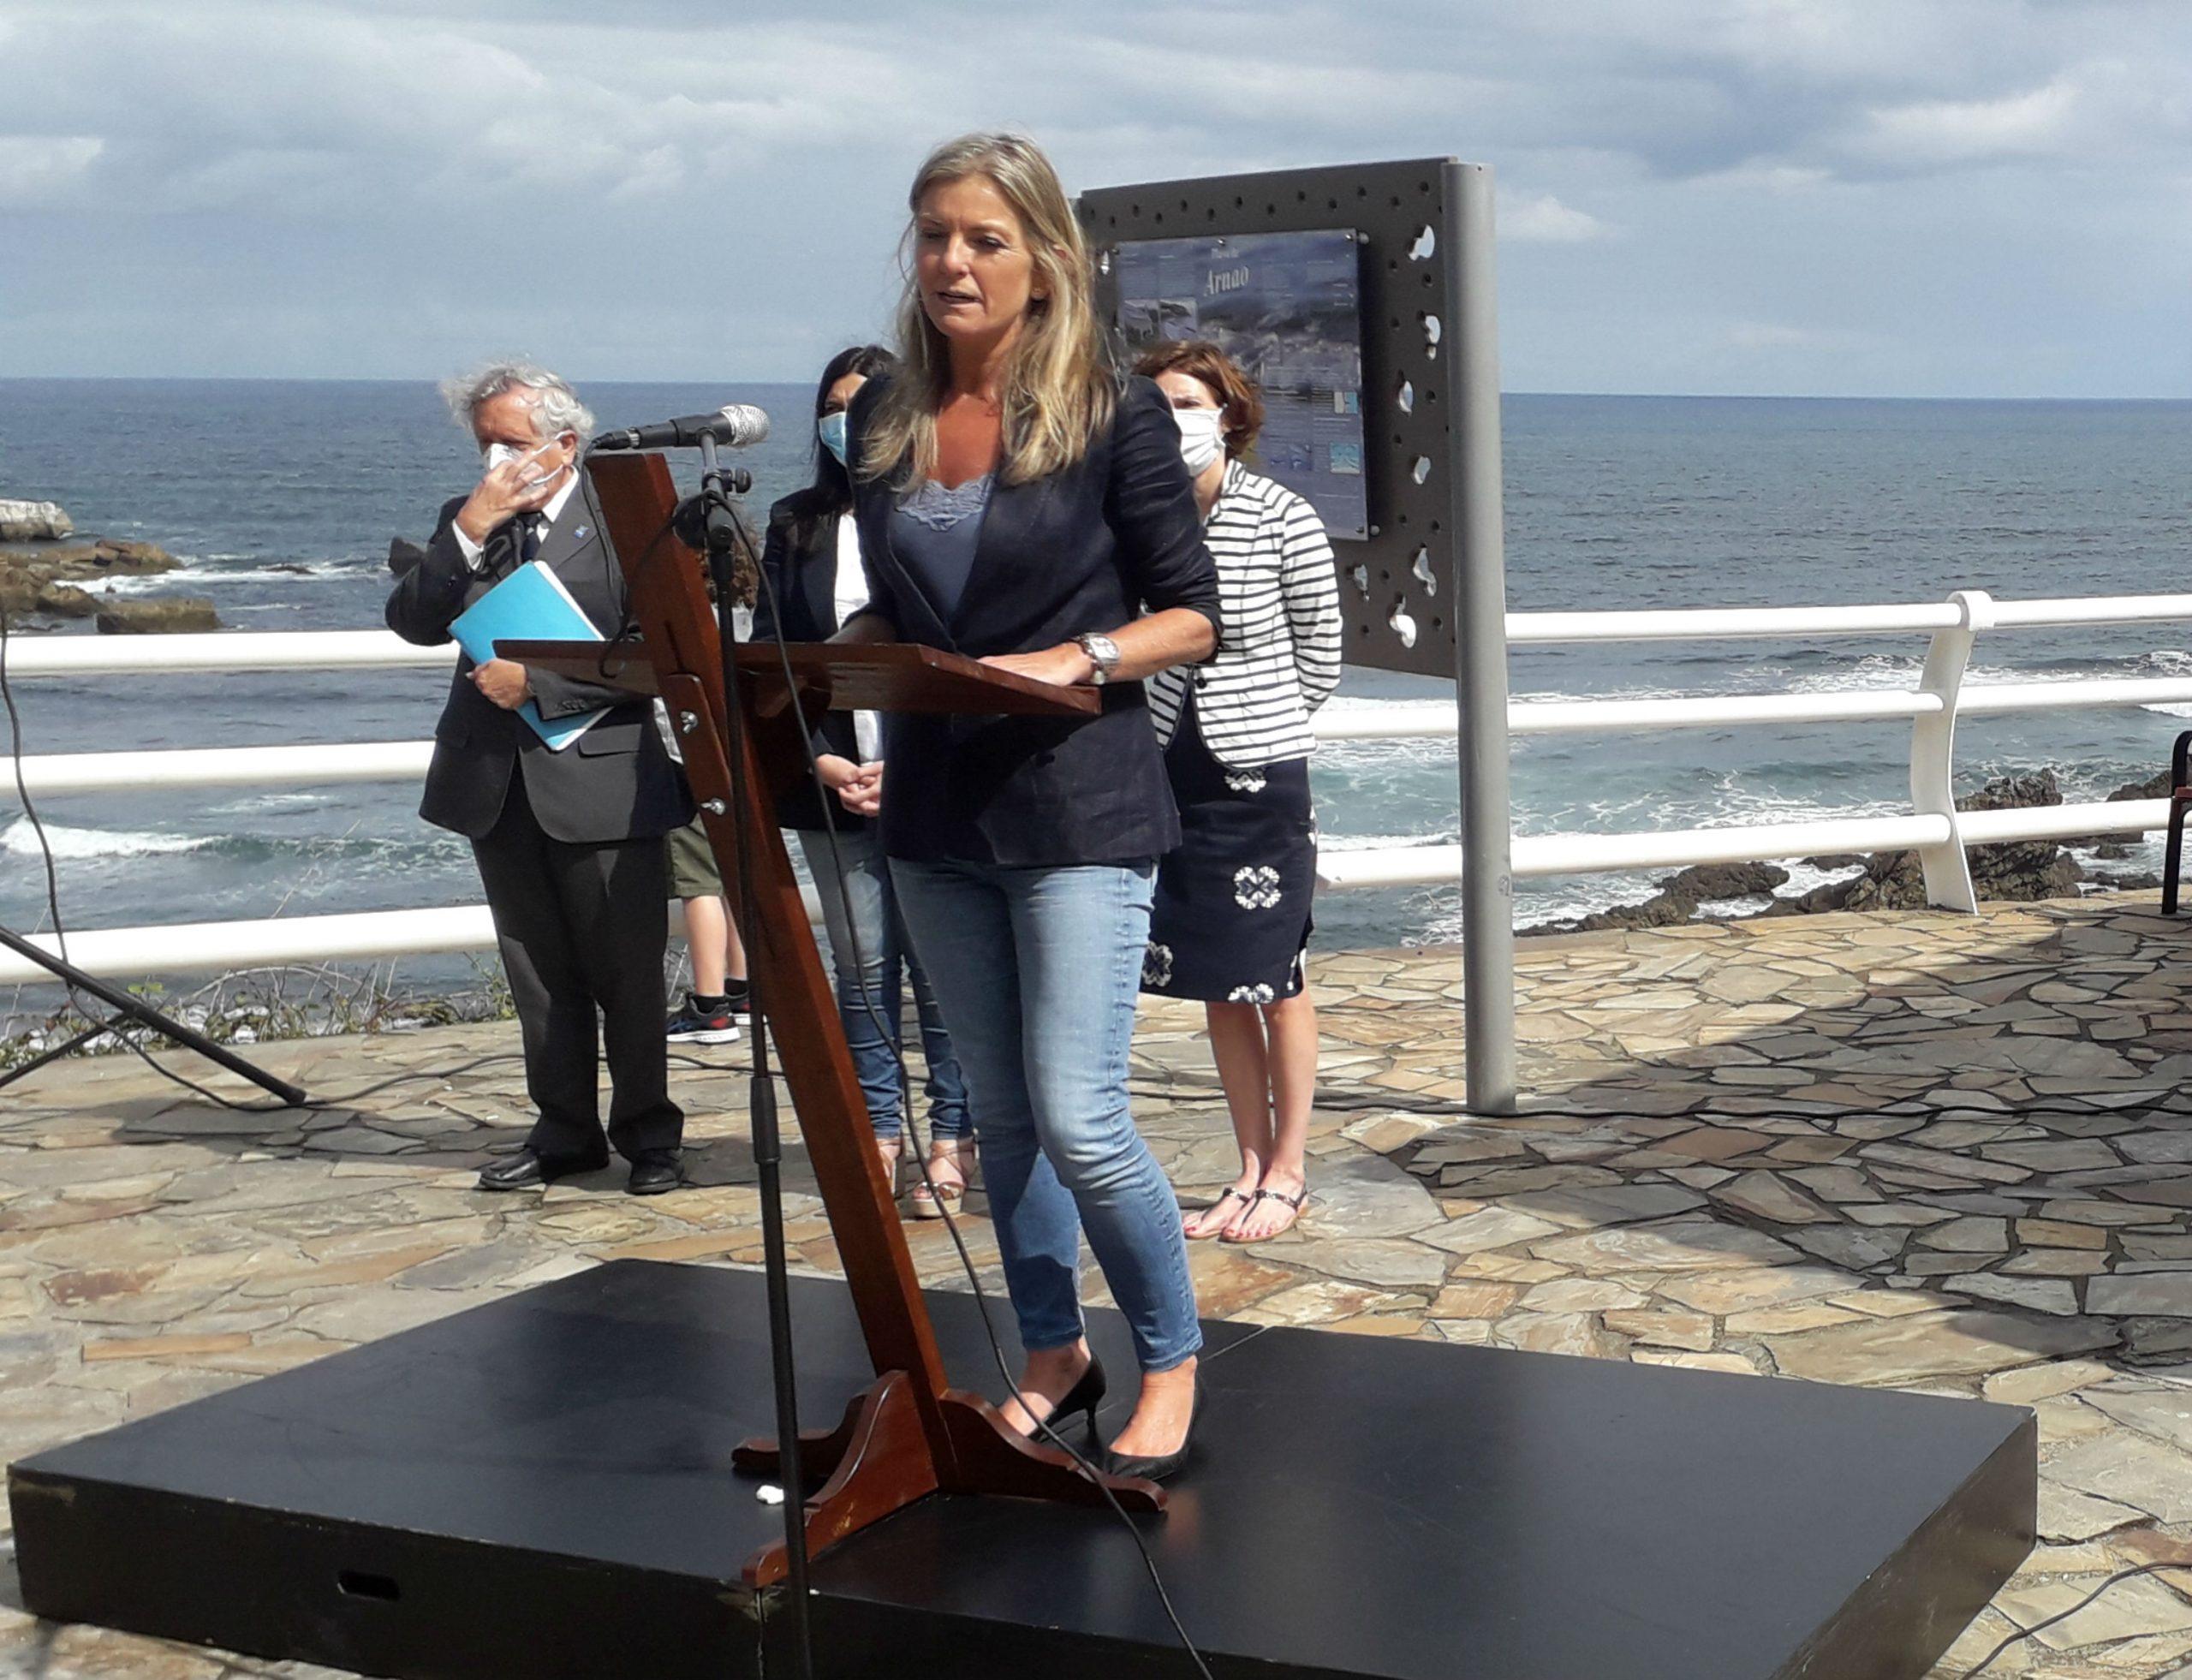 Campaña de sensibilización sobre el disfrute responsable de los arenales asturianos